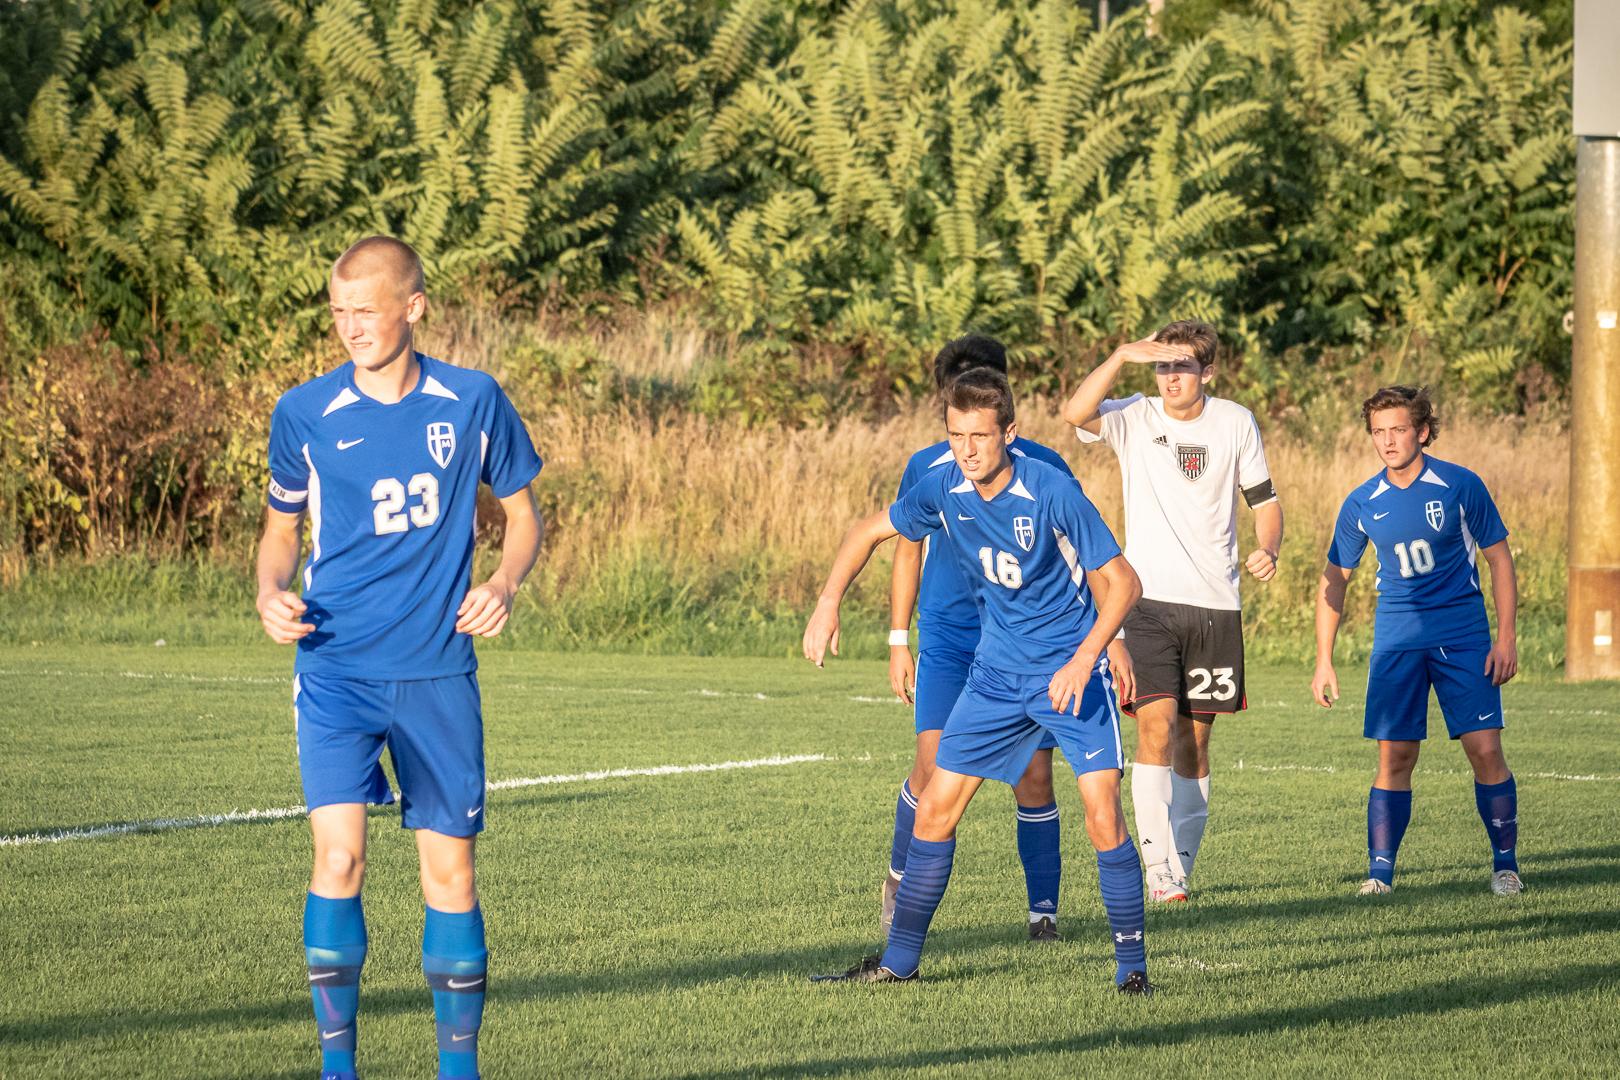 Marian-Varsity-Boys-Soccer-9495.jpg